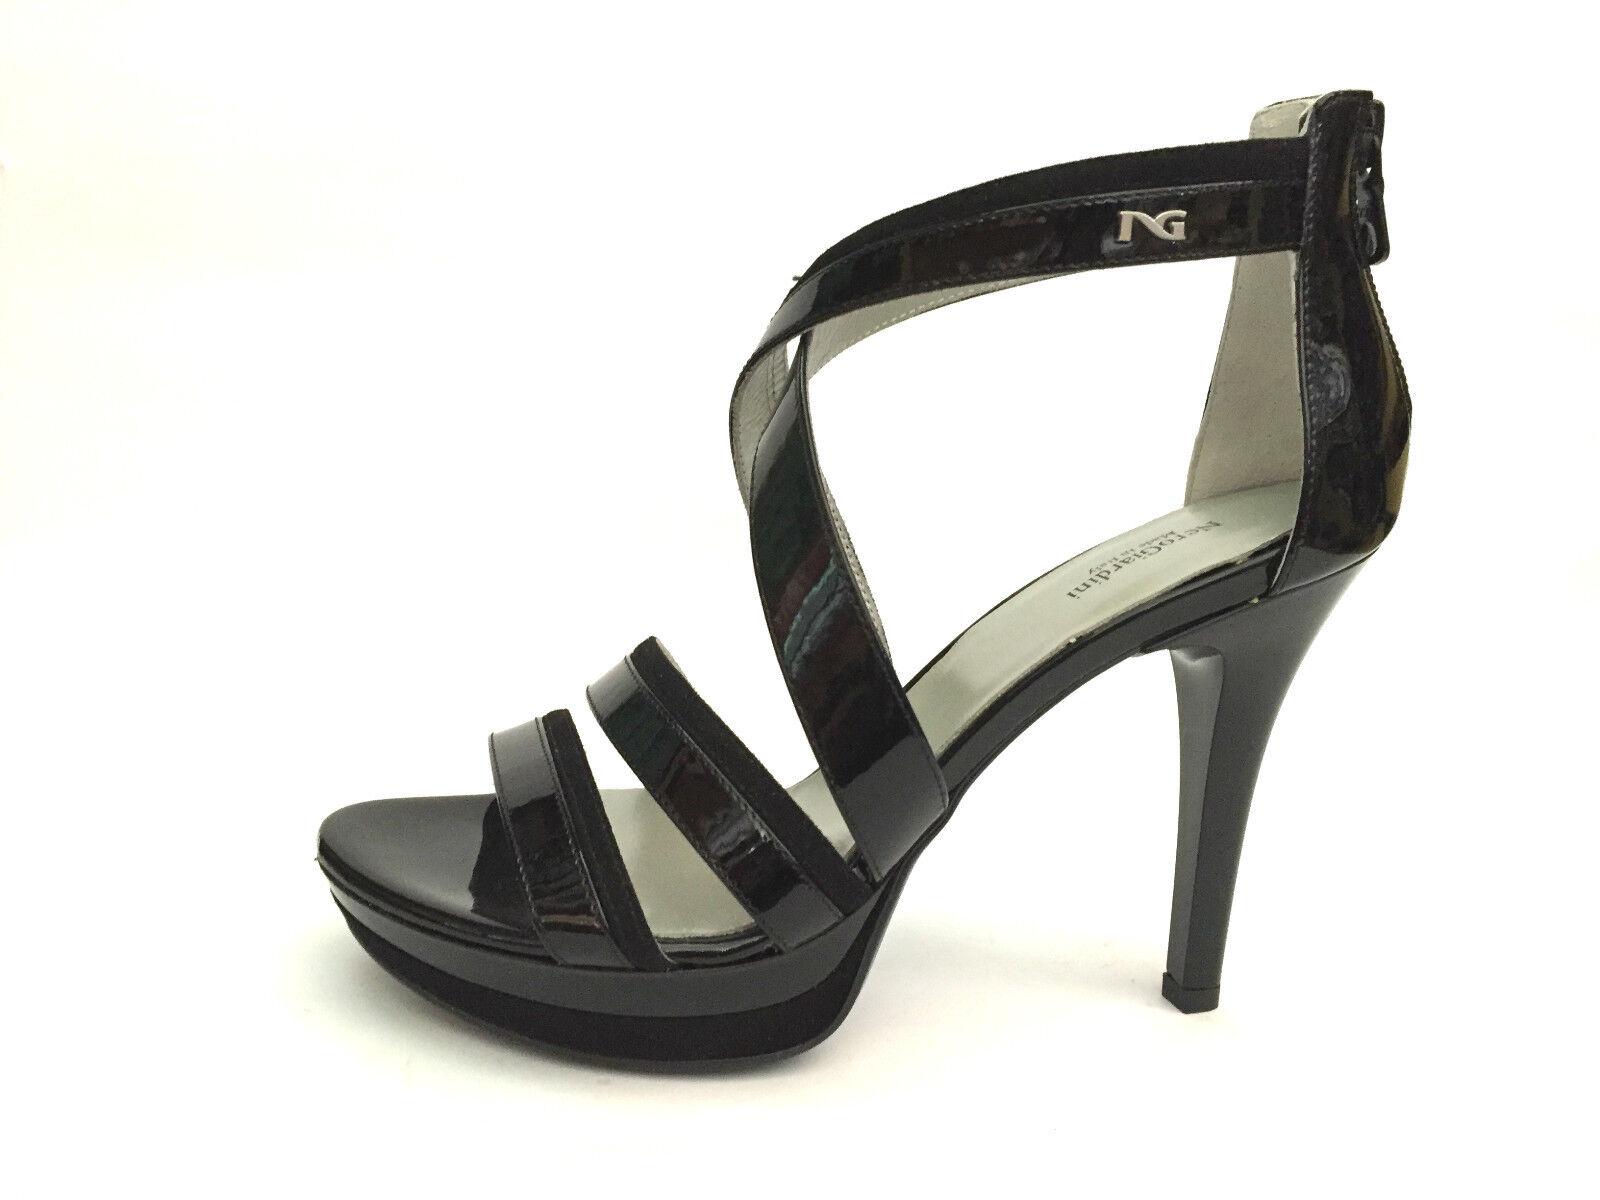 SCARPE P615750D DONNA DONNA DONNA NERO GIARDINI scarpe SANDALI TACCO P615750D   7b525e